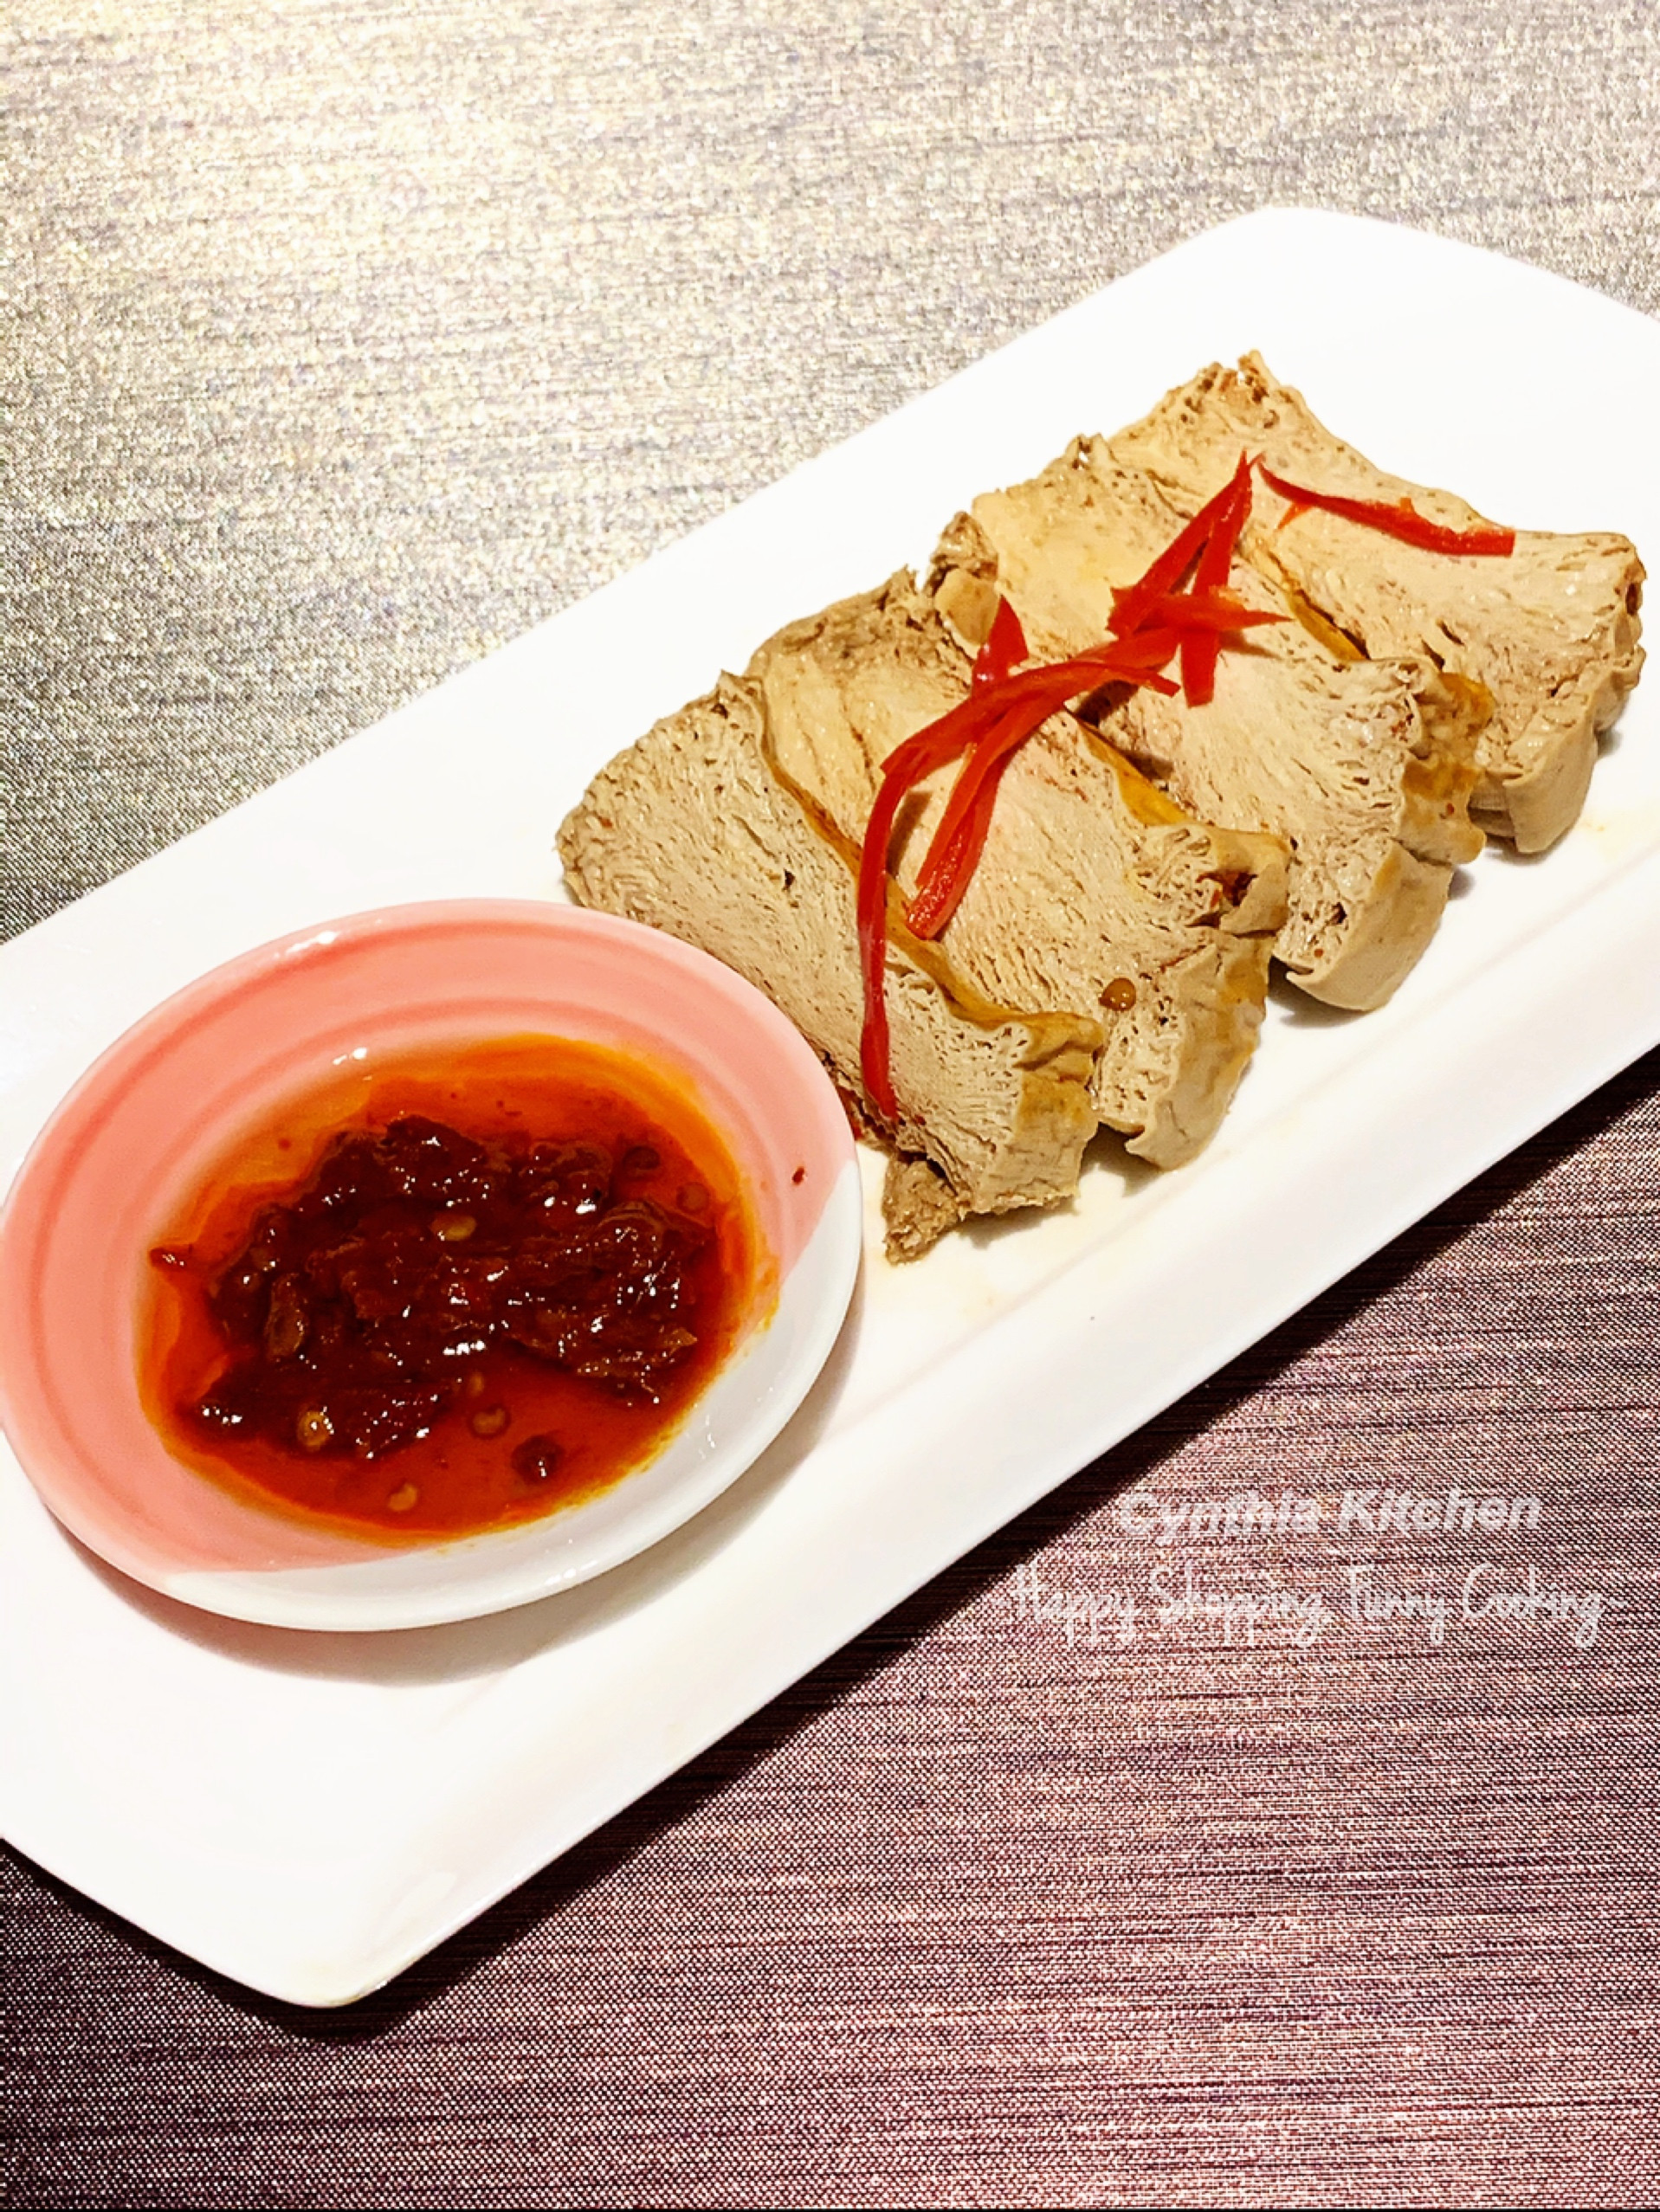 滷水蜂巢豆腐(萬用滷水汁之二)